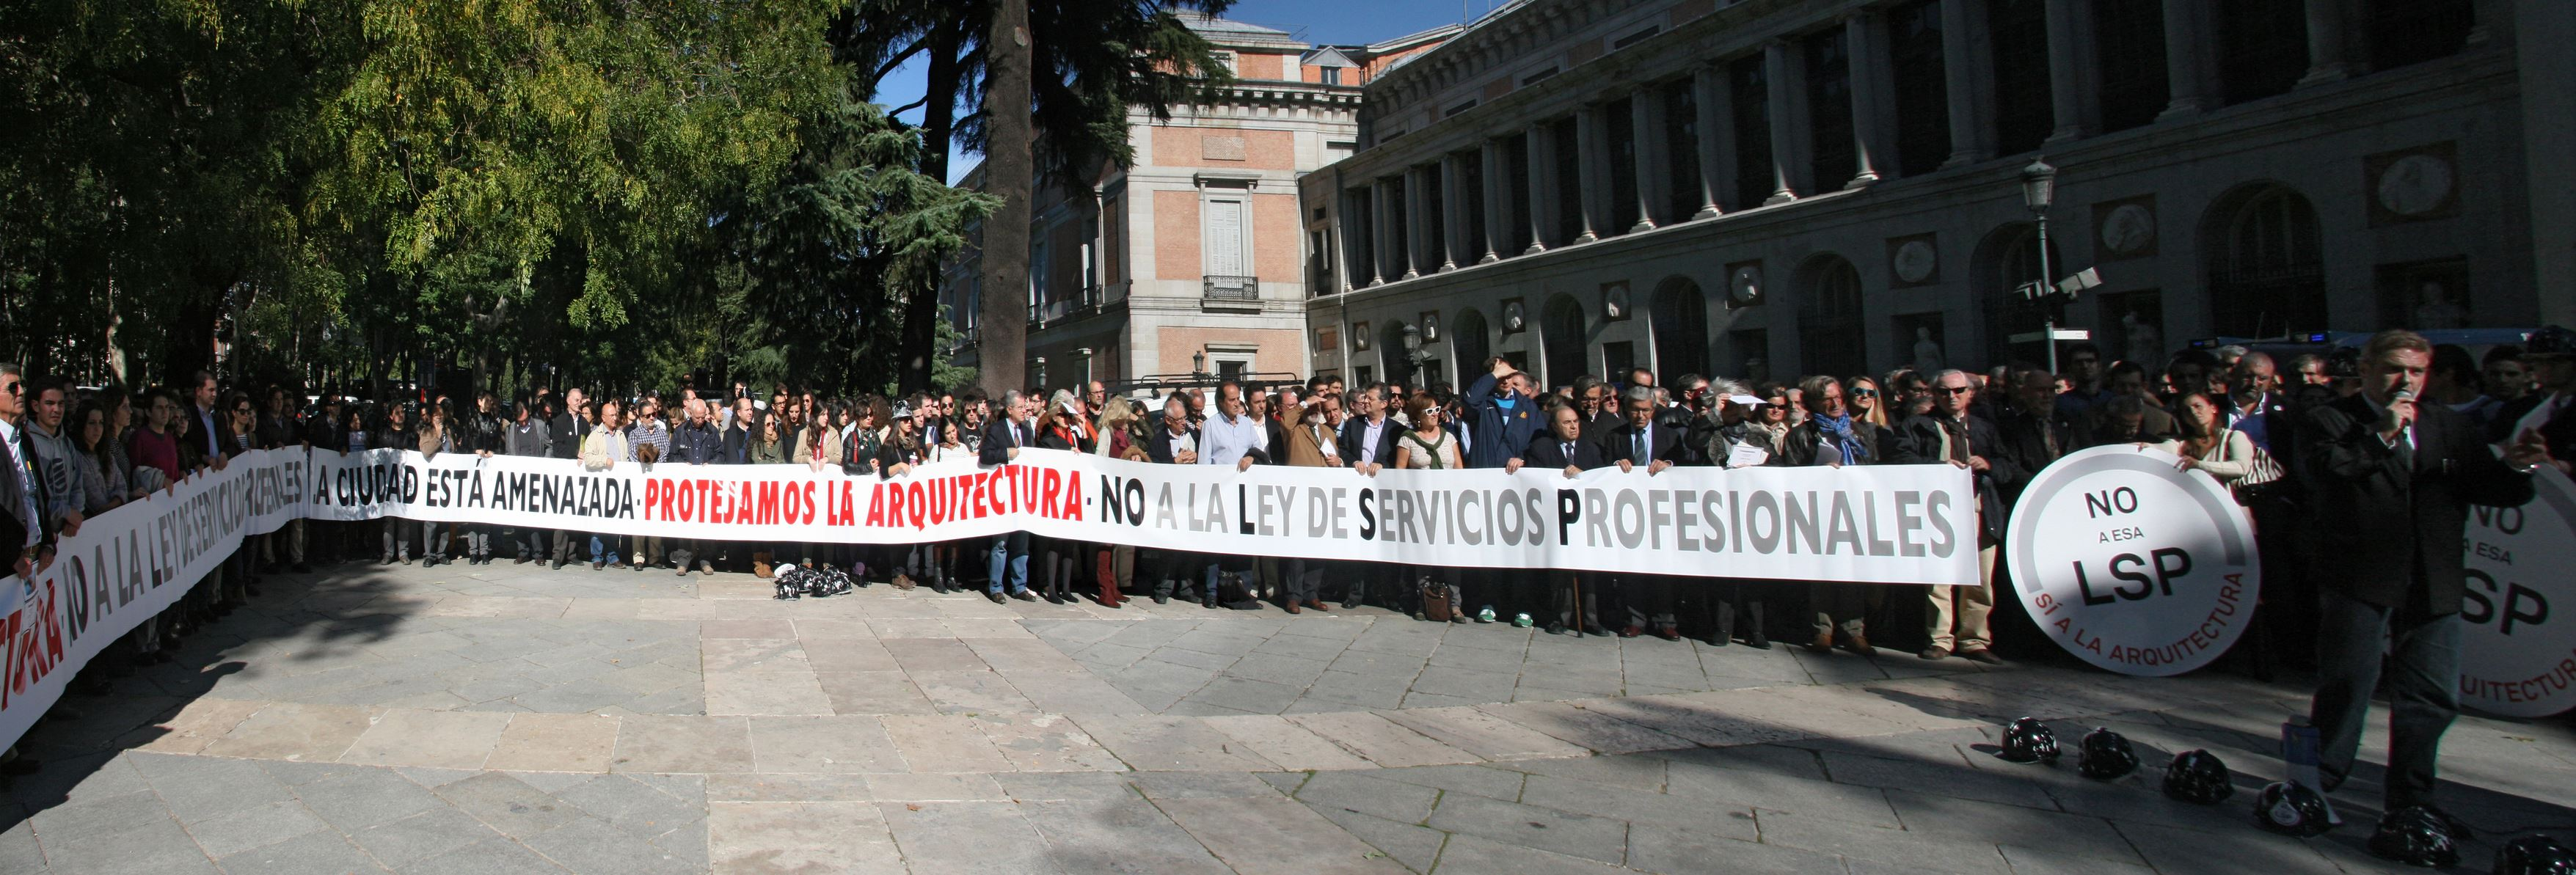 LSP y Arquitectura – Manifestación de Arquitectos en Madrid